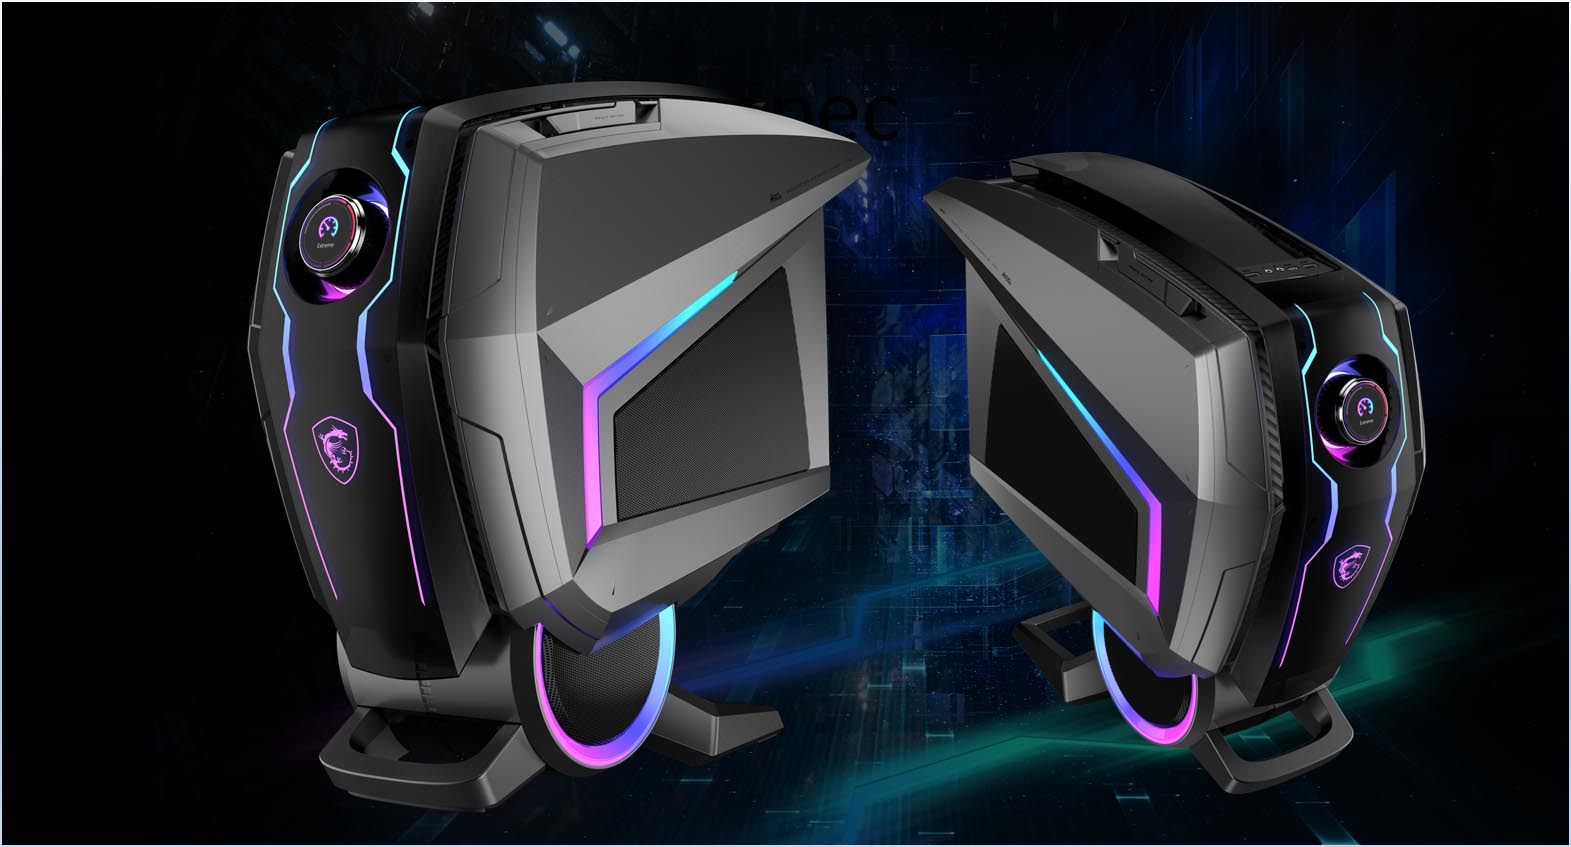 MSI、ユニークなデザイン筐体を採用するRTX 3080搭載ハイスペックゲーミングPC